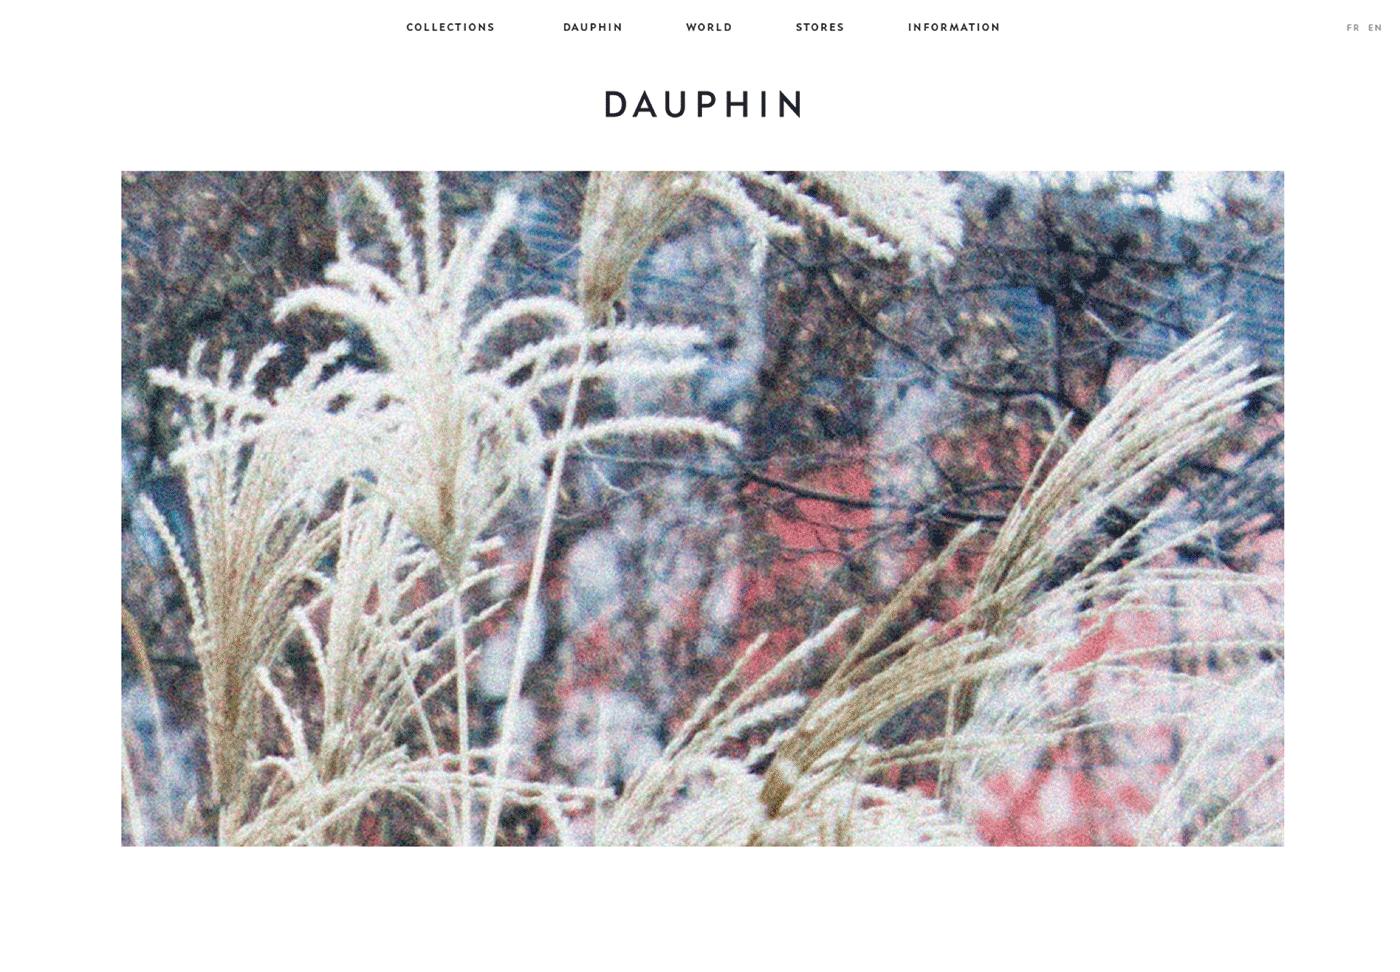 Dauphin Desktop